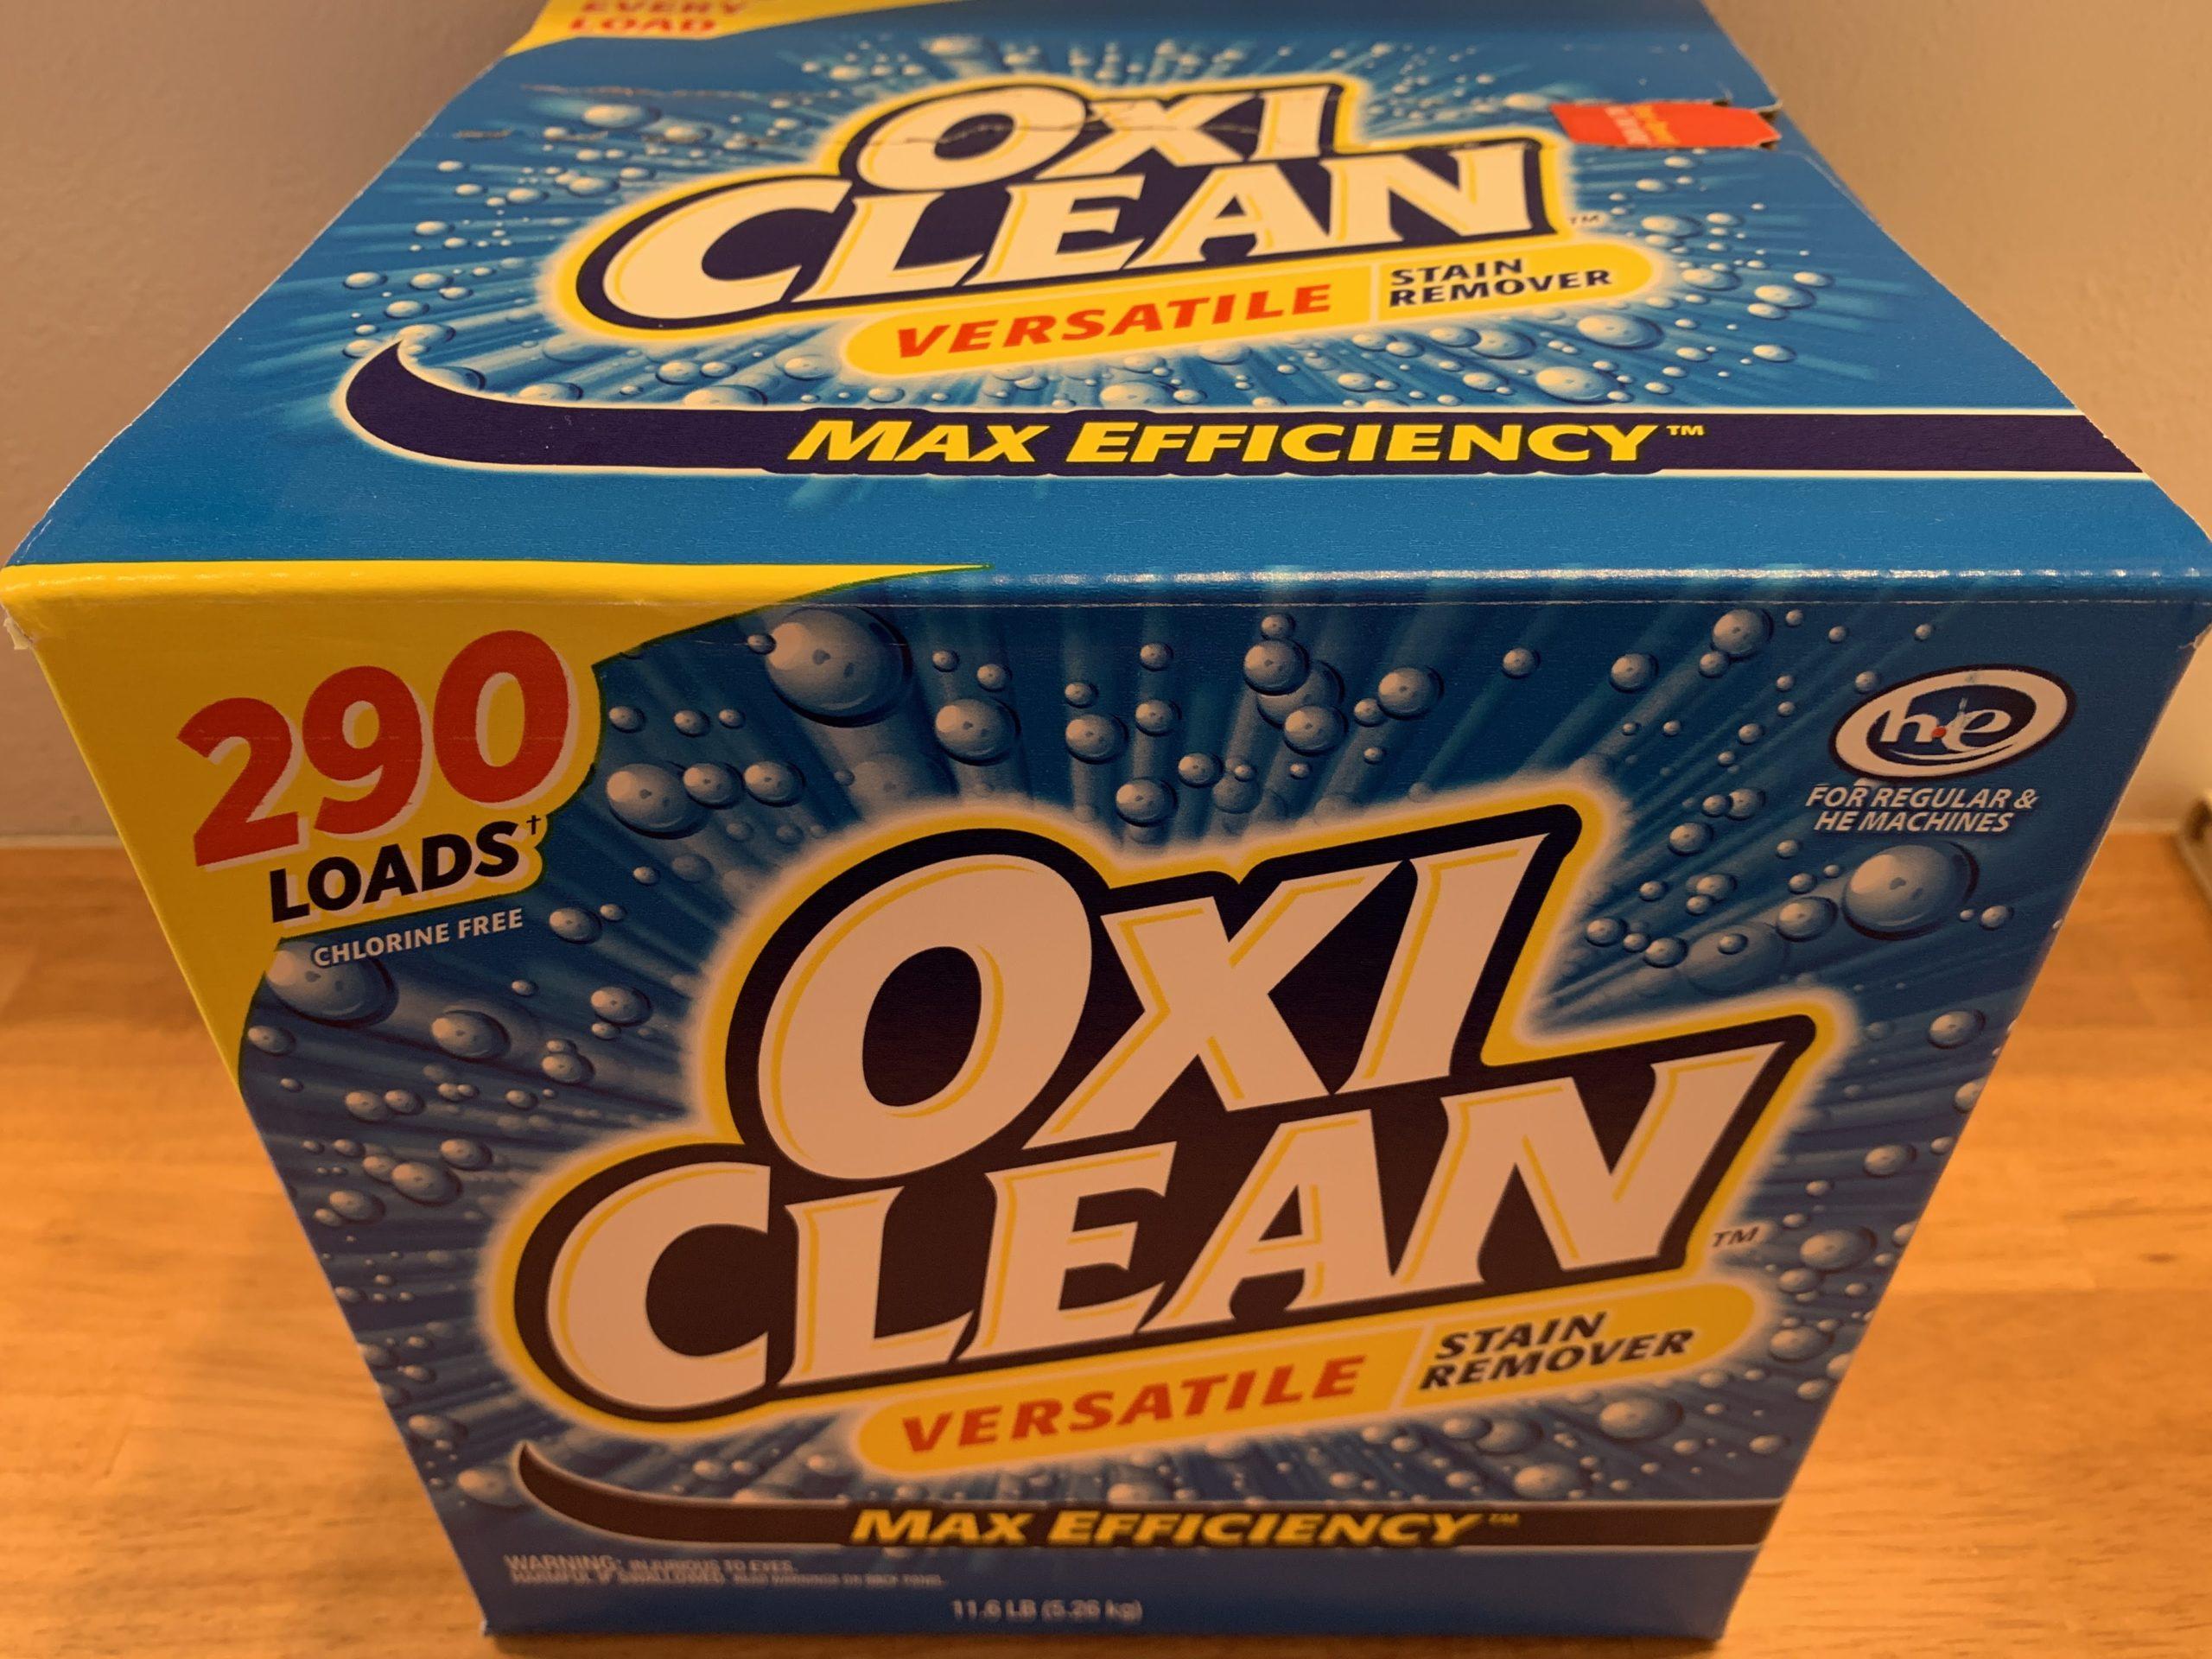 コストコのオキシクリーンでズックのつけ置き洗い:効果や値段はいくら?